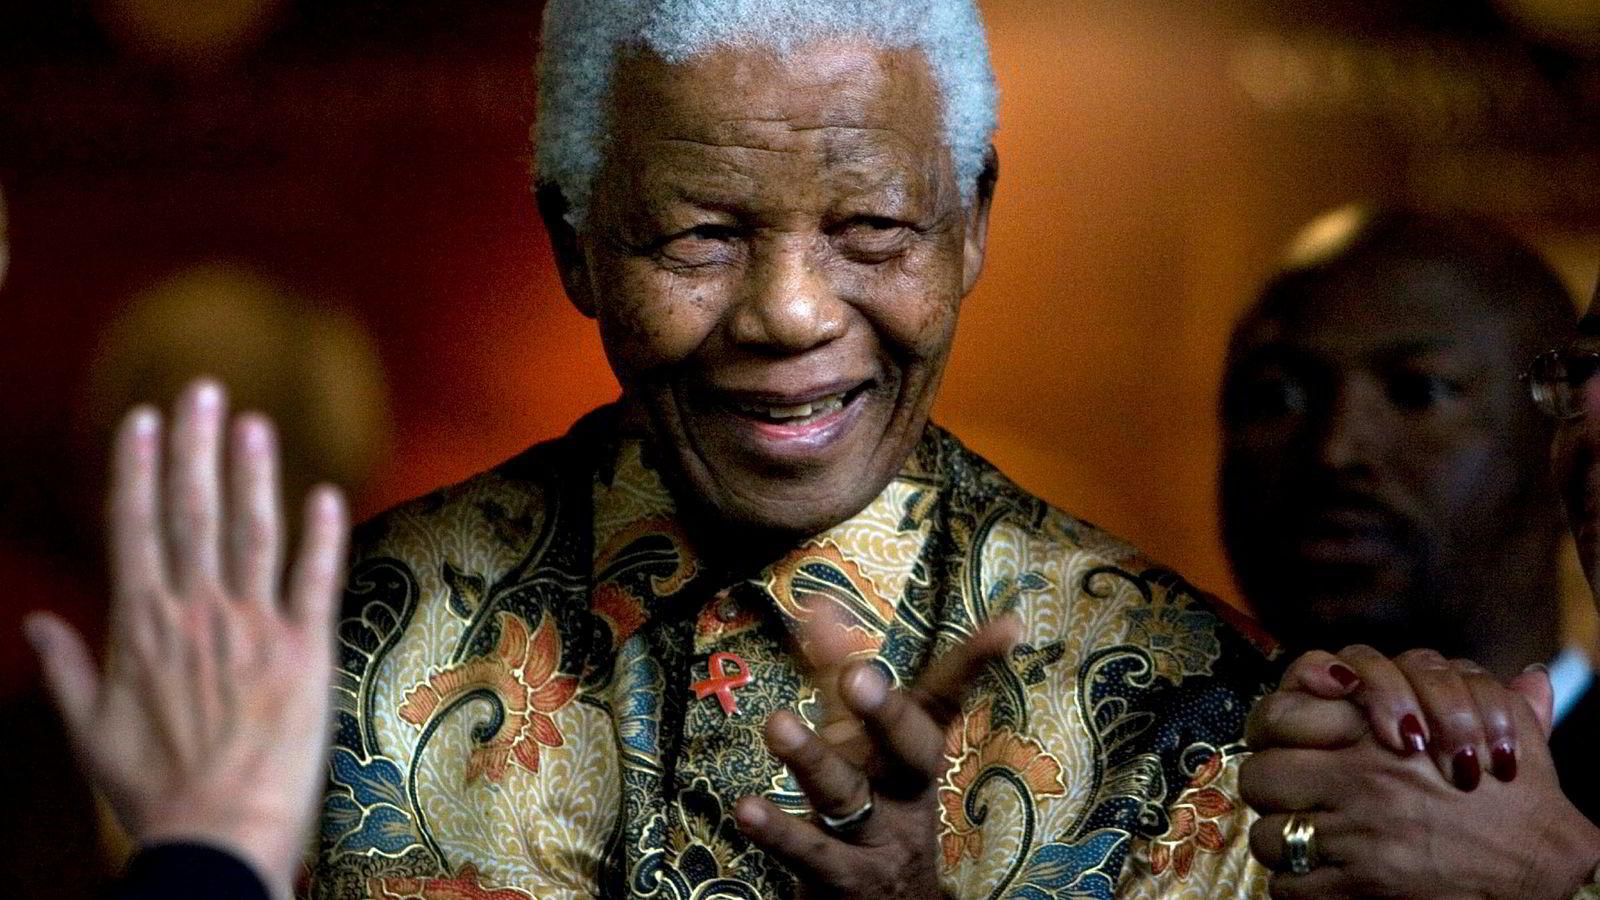 Sør-Afrikas tidligere president Nelson Mandela har fortalt at han ofte var redd i løpet av sine 27 år i fengsel, men at han la allikevel vekt på å snu frykt til noe som kunne inspirere andre.